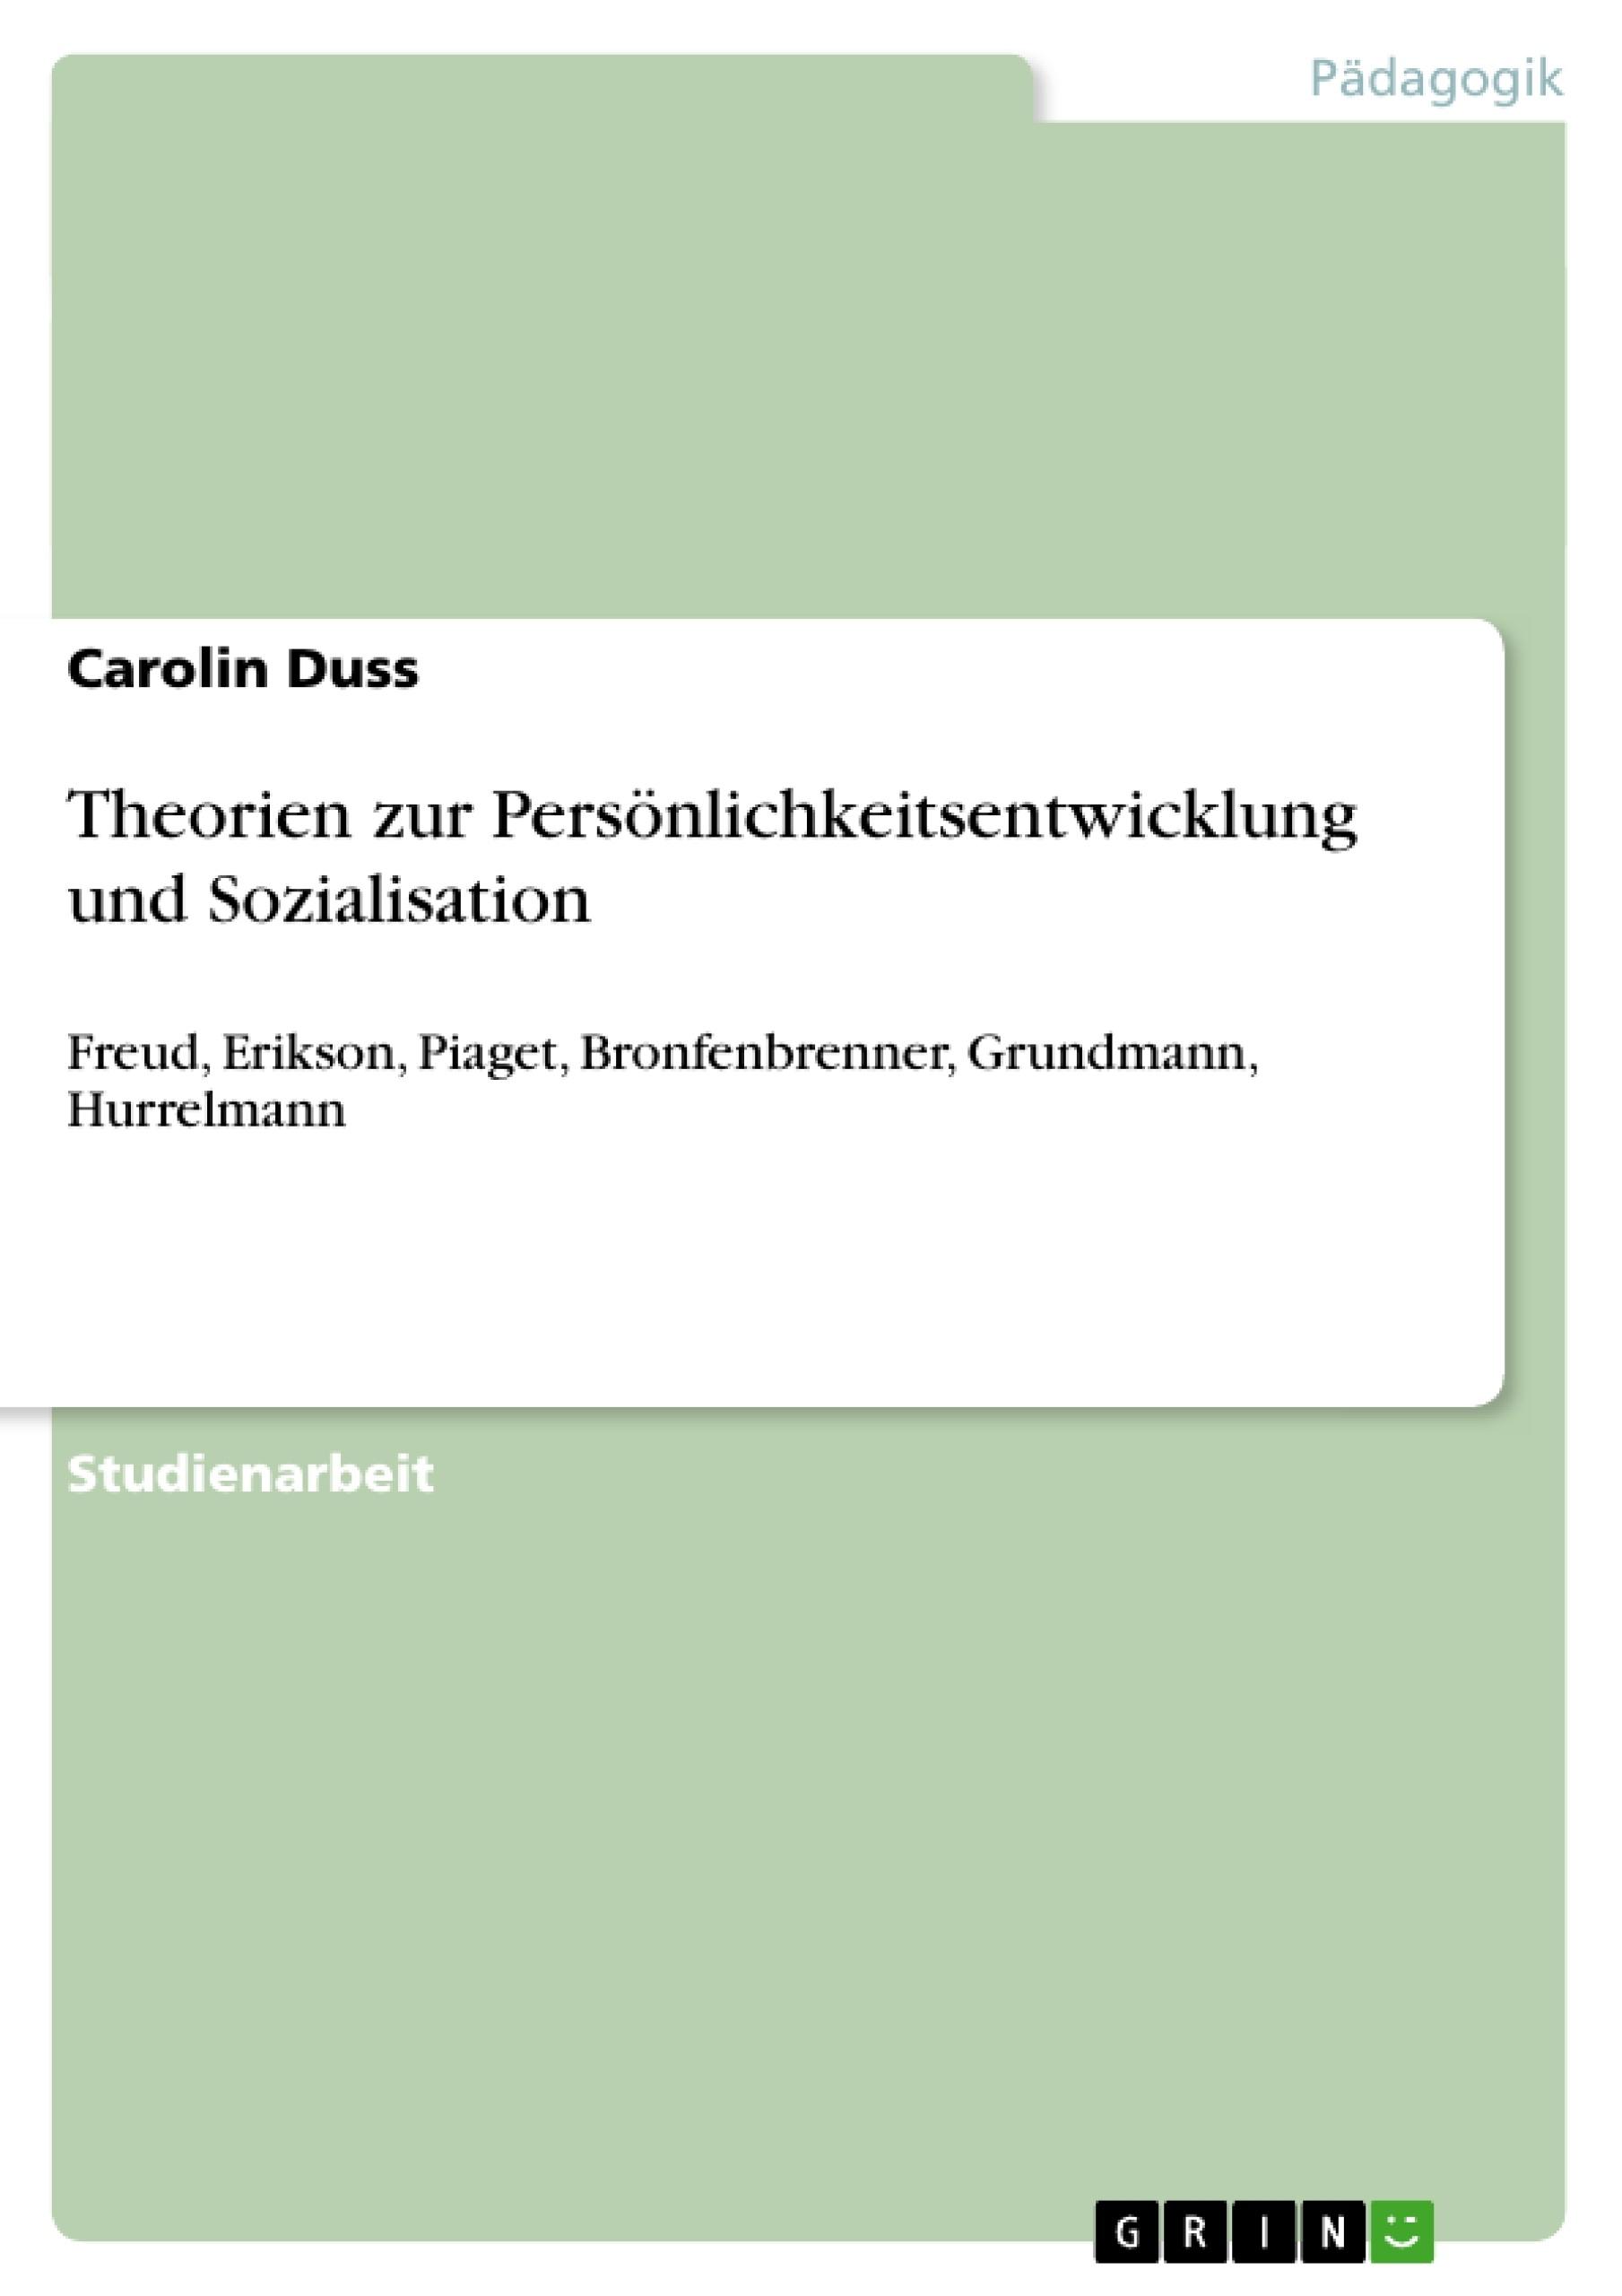 Titel: Theorien zur Persönlichkeitsentwicklung und Sozialisation